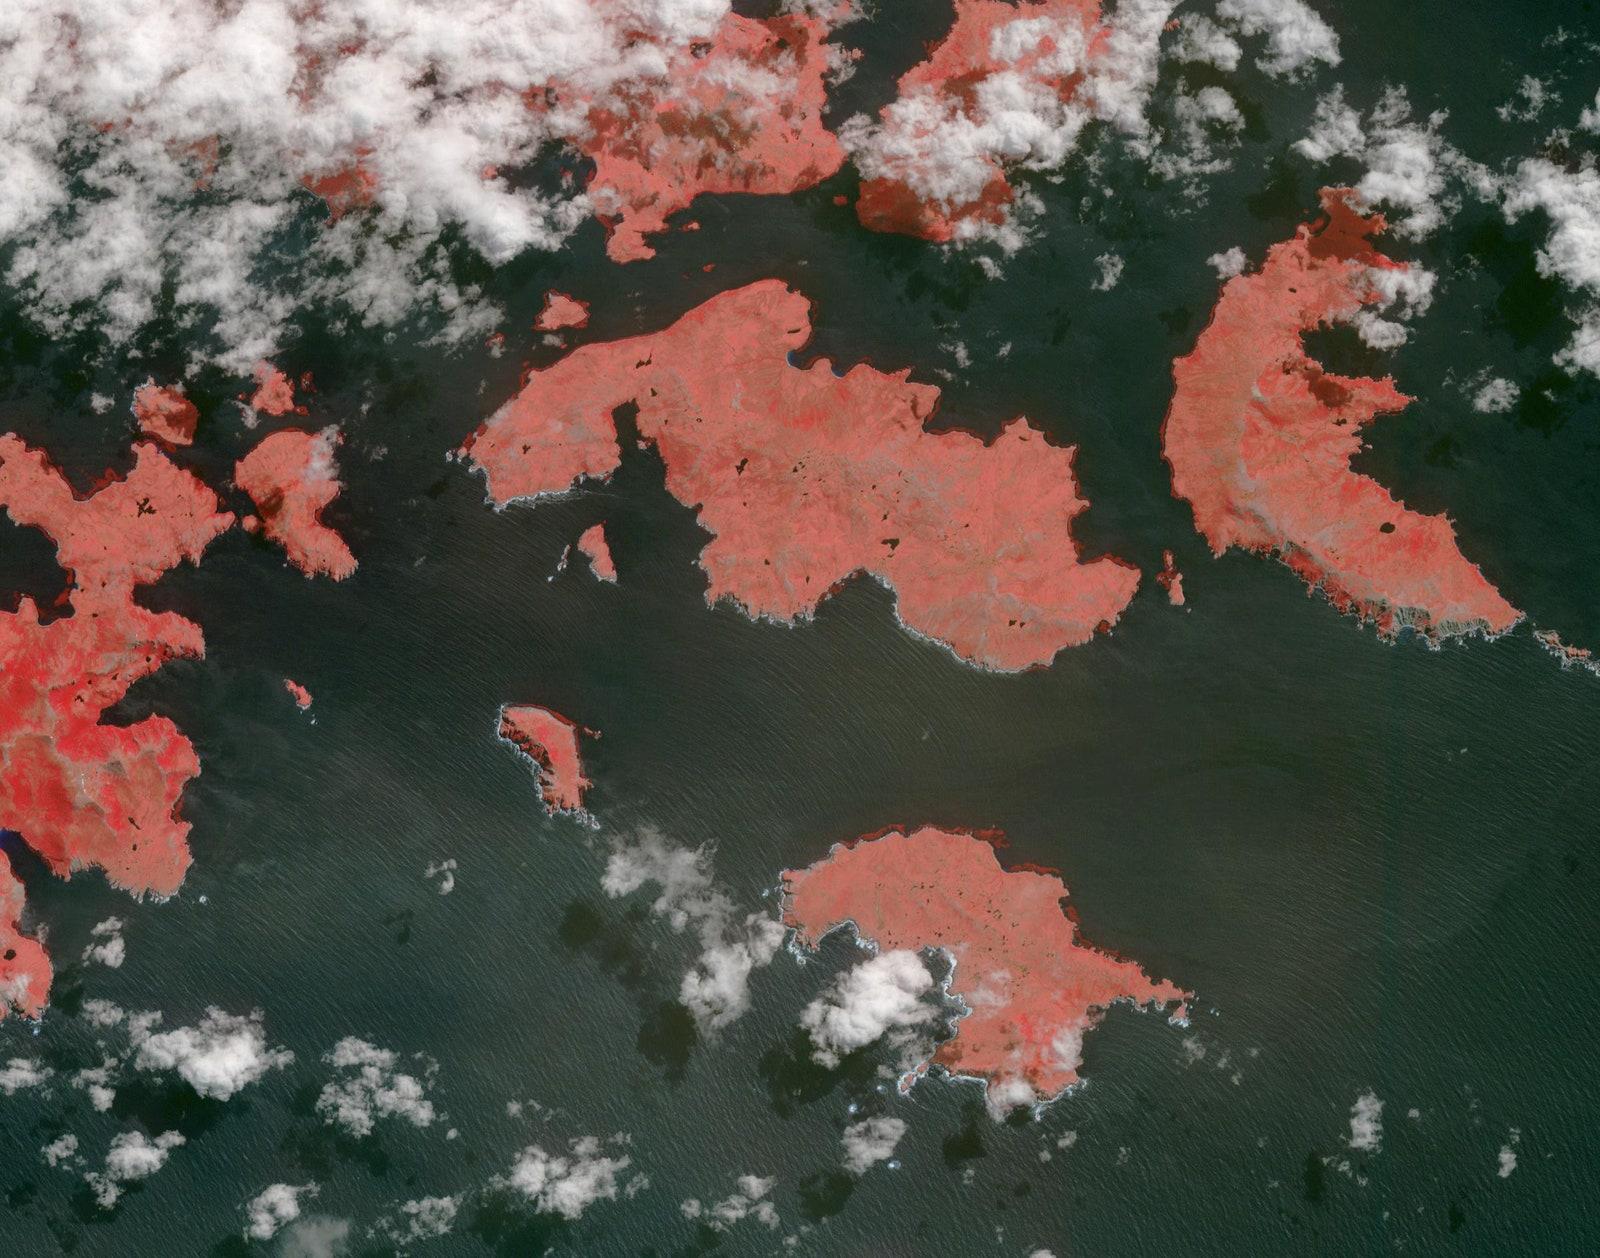 Мыс Горн — самая южная часть архипелага Огненная Земля вЧили. Обычно это последний кусочек суши, который видят исследователи, отправляясь наюг всторону Антарктиды. Этот водный путь, известный как пролив Дрейка, имеет печальную славу из-за сильных ветров иплохой погоды: парусные корабли часто терпят там бедствие.